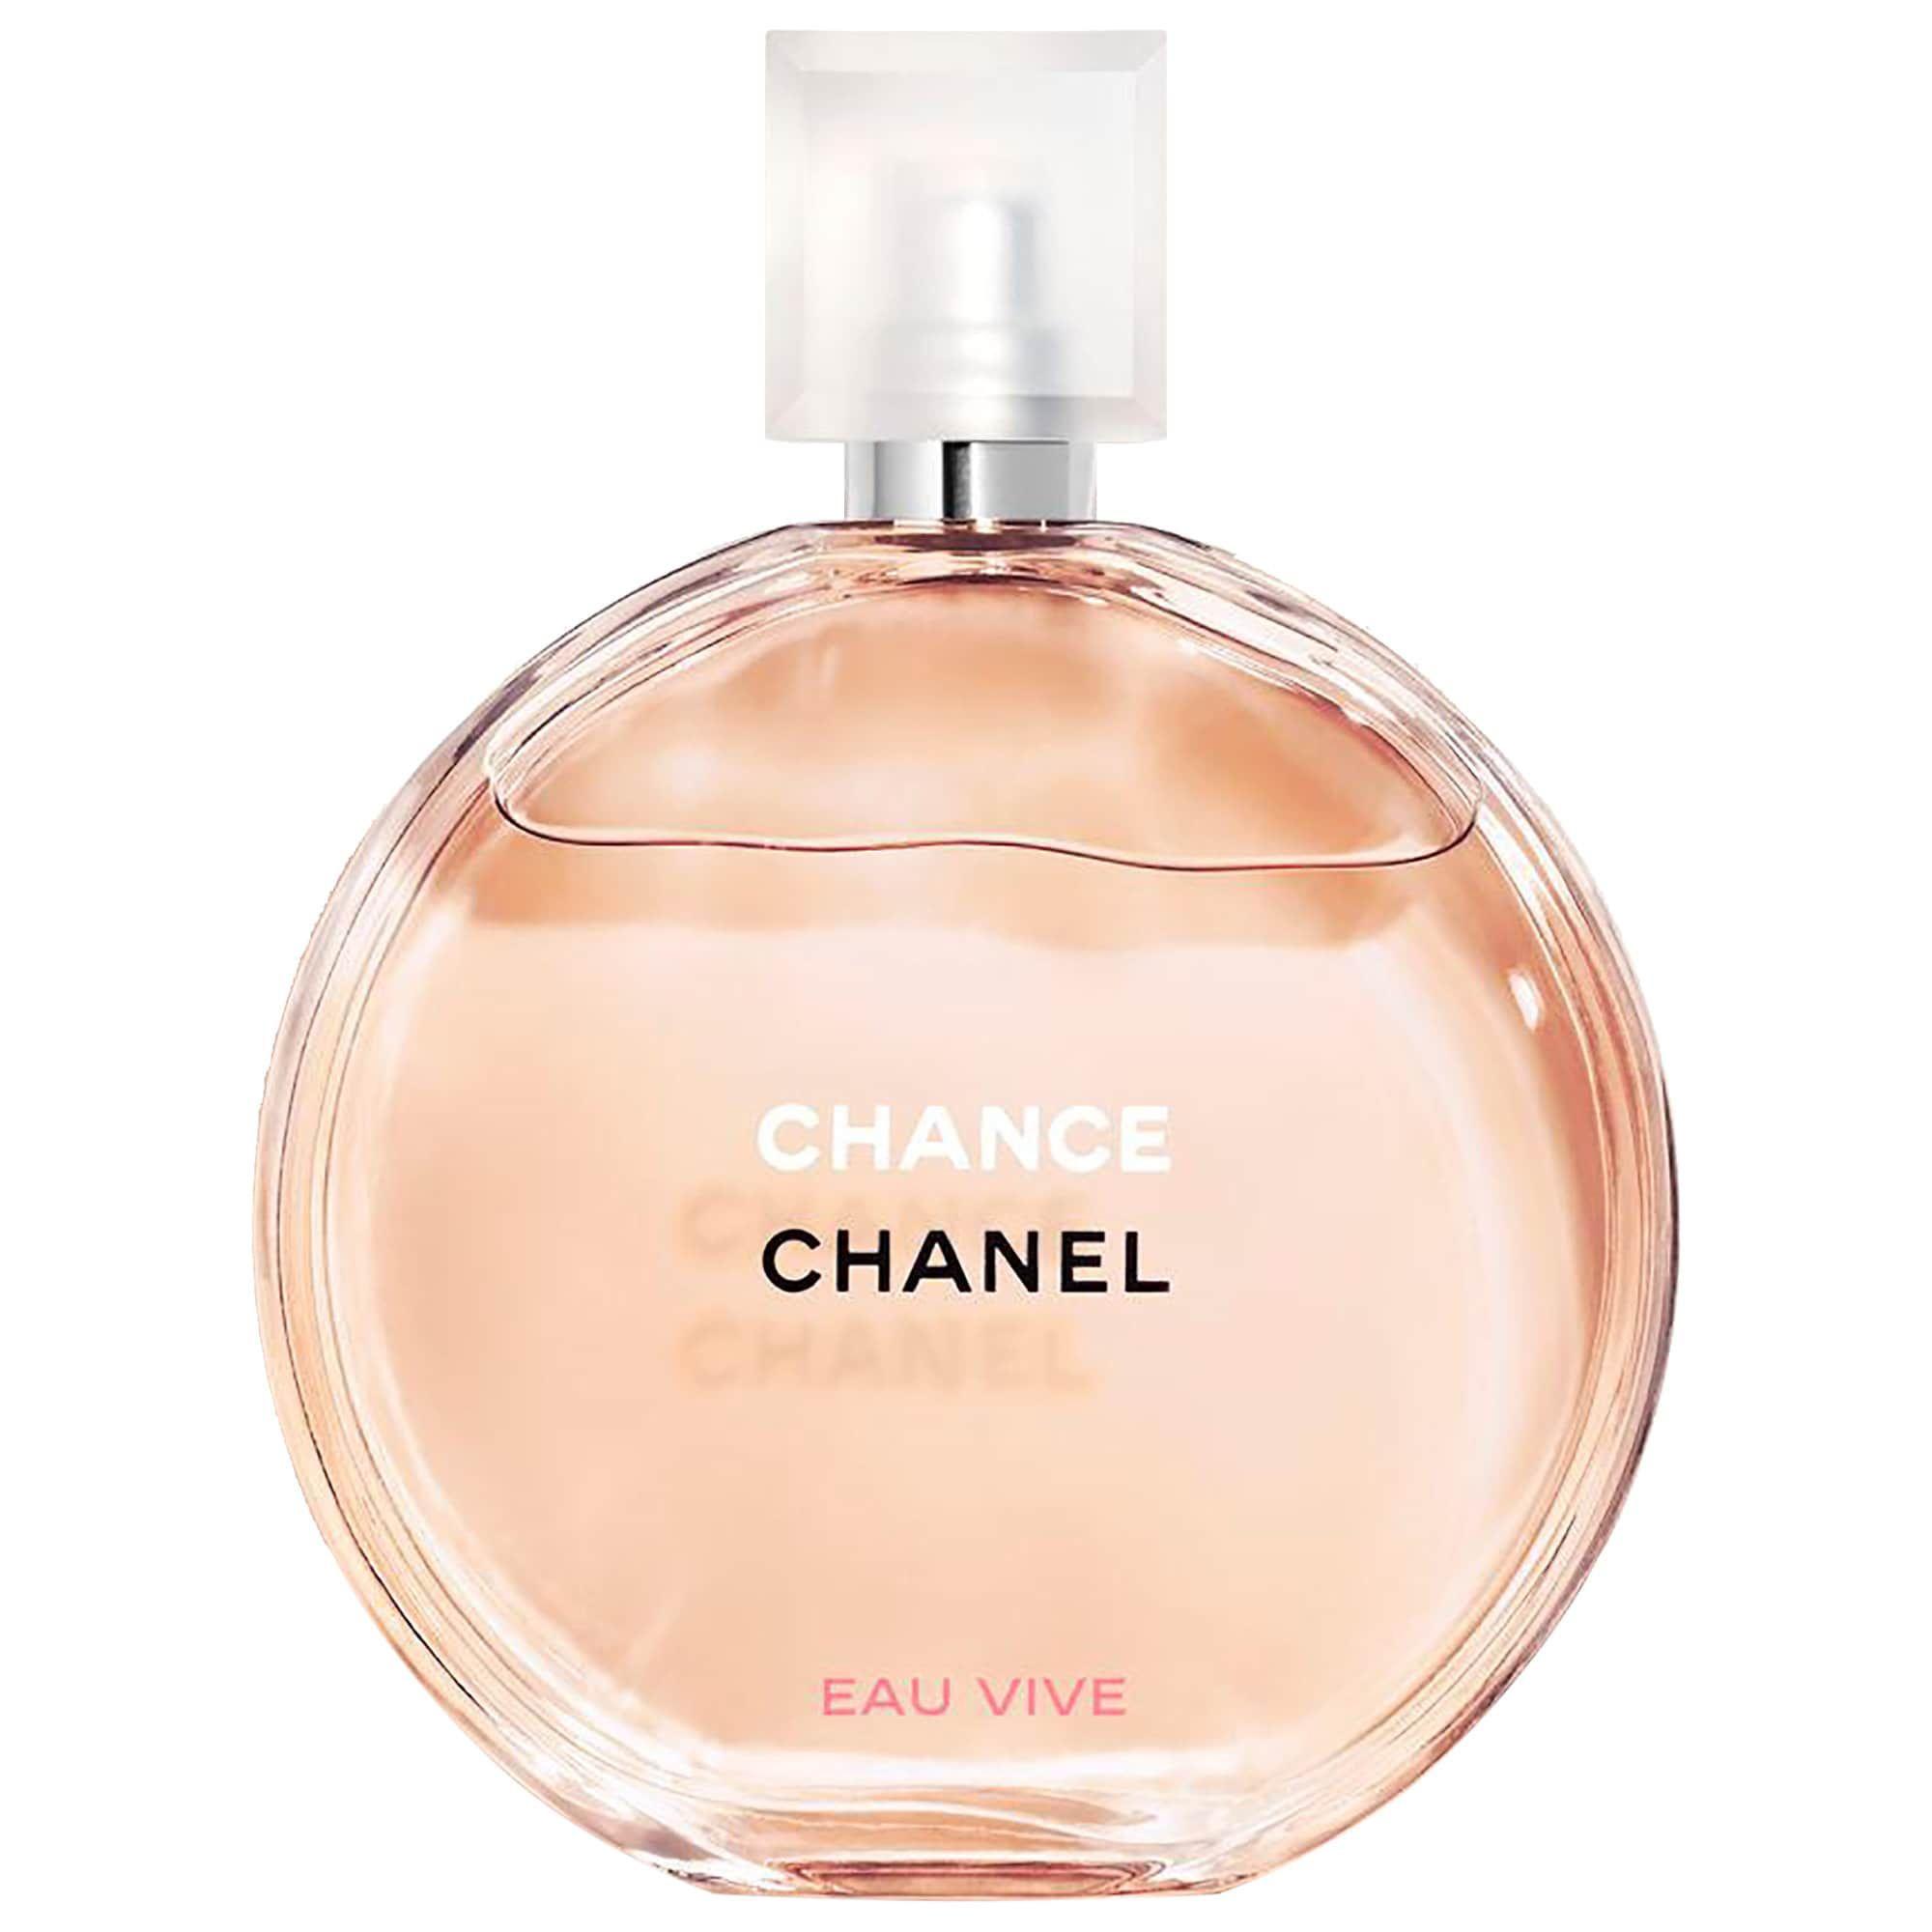 Chance Eau Vive Perfume Fragrances Perfume Chanel Perfume